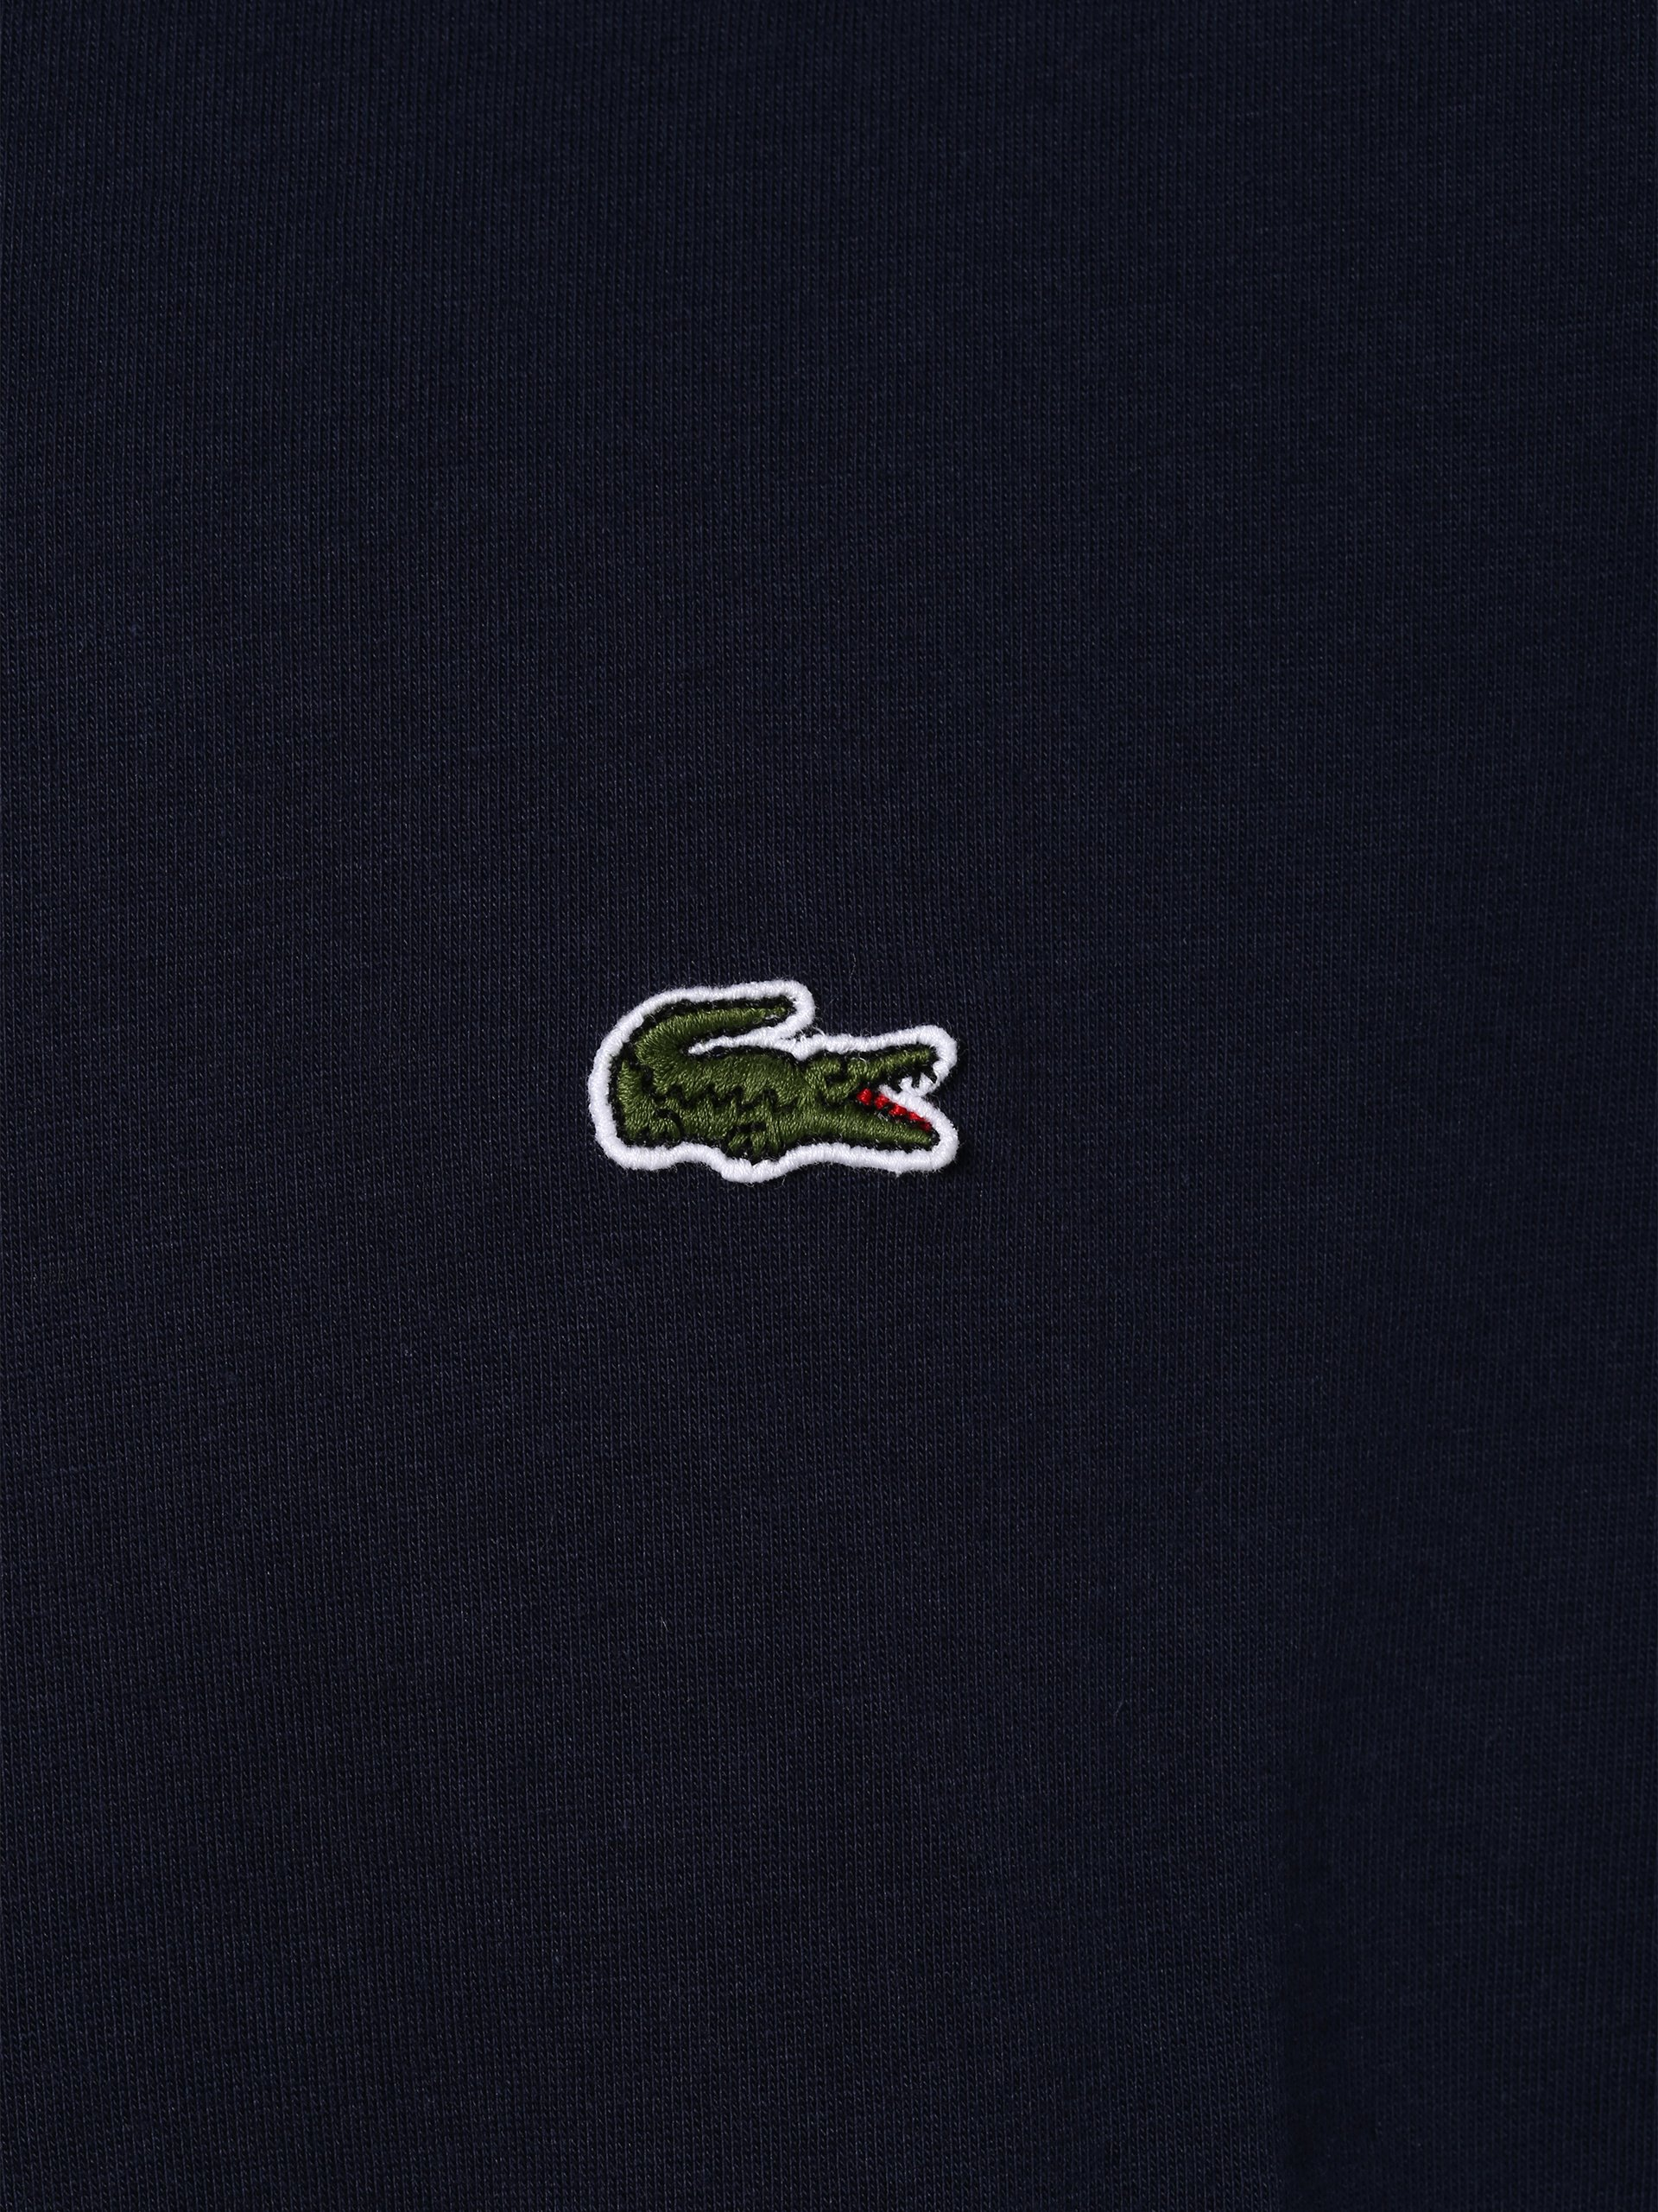 Lacoste Herren T-Shirt